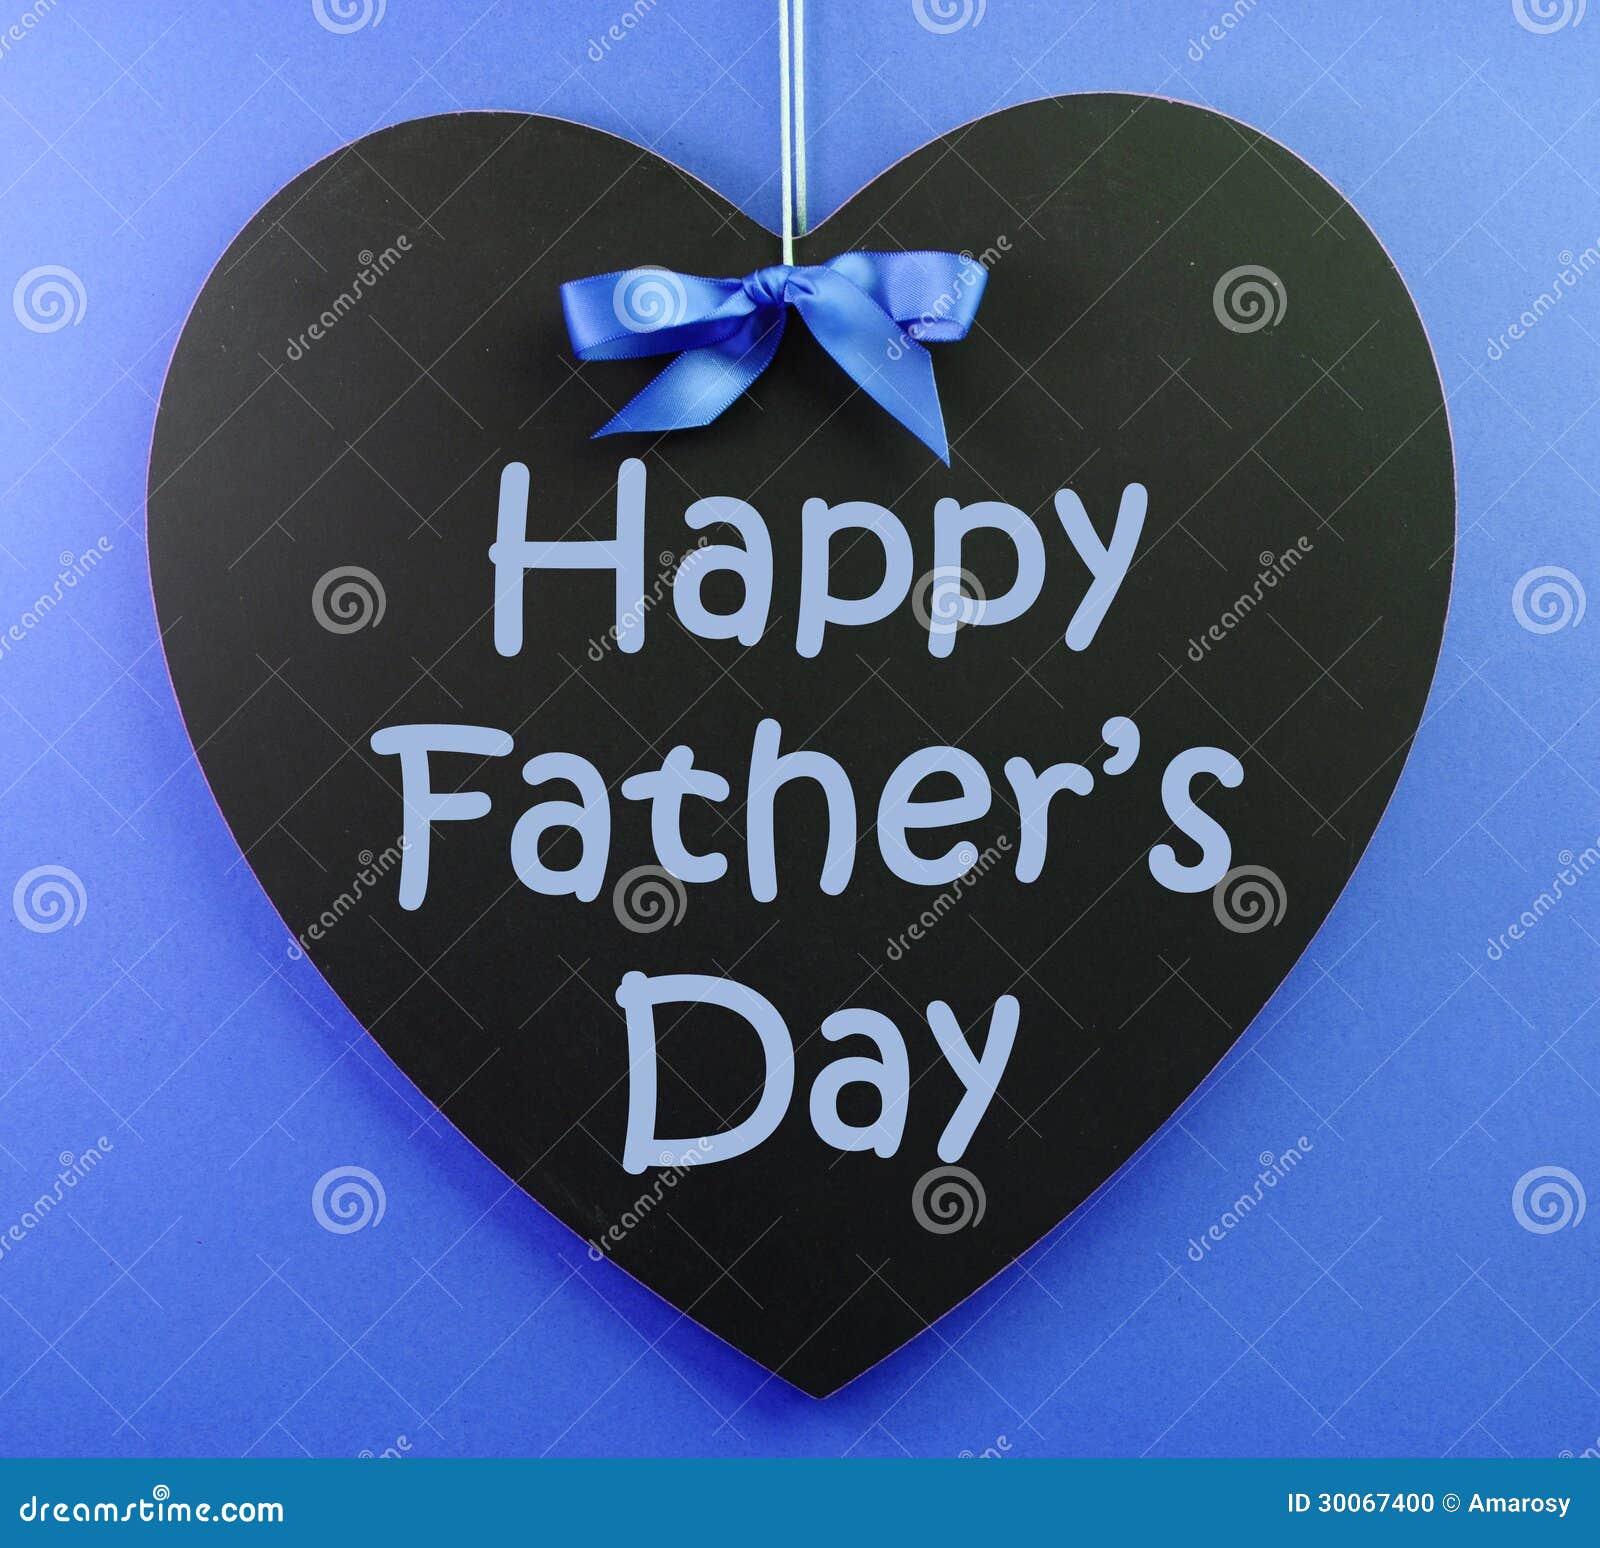 happy fathers day message written on a heart shape black blackboard